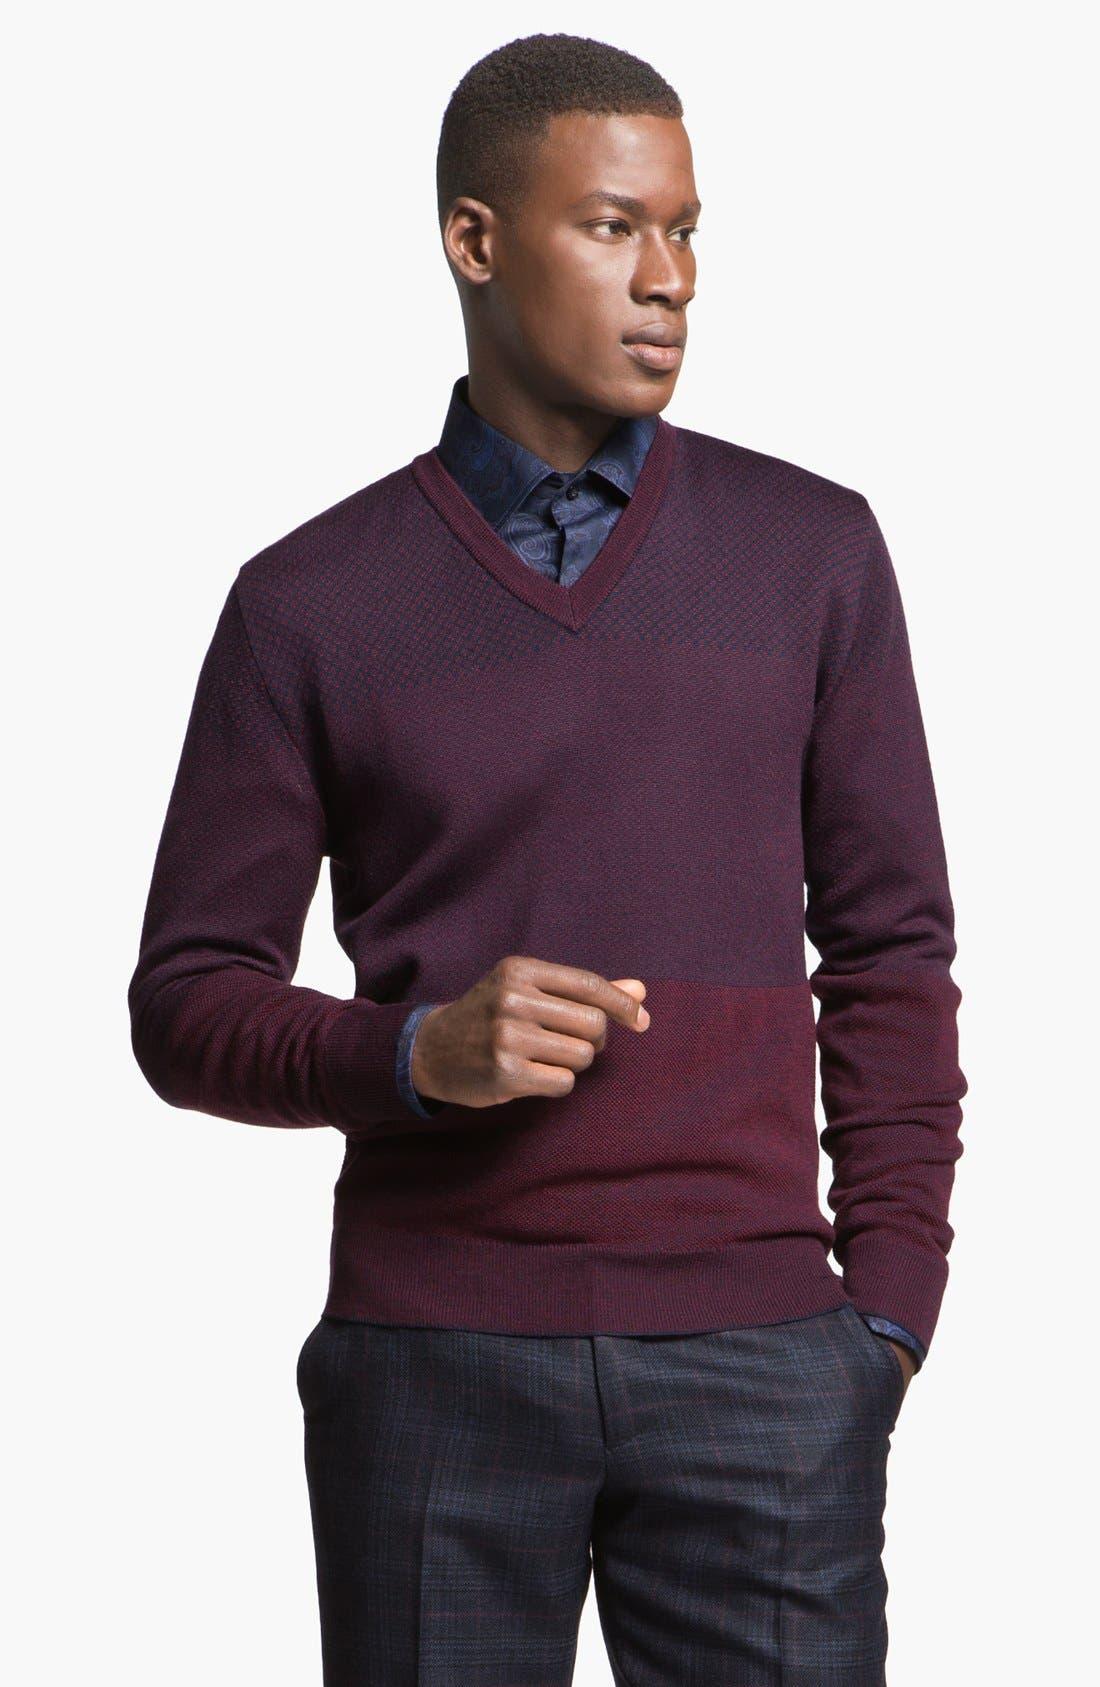 Alternate Image 1 Selected - Etro Jacquard Wool V-Neck Sweater